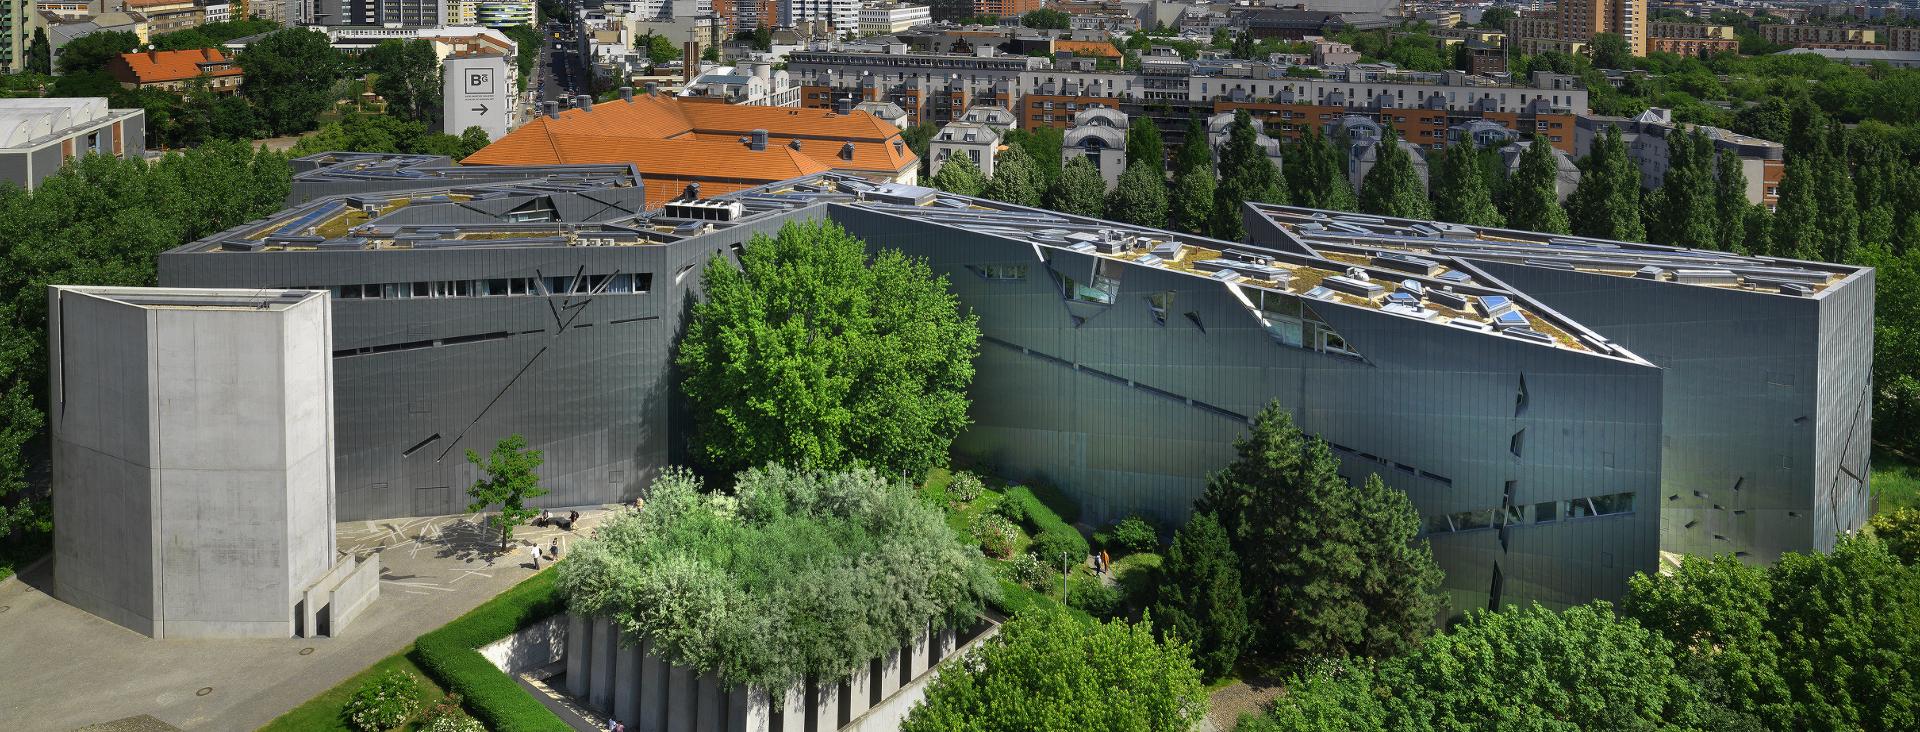 Blick auf den Libeskind-Bau von oben